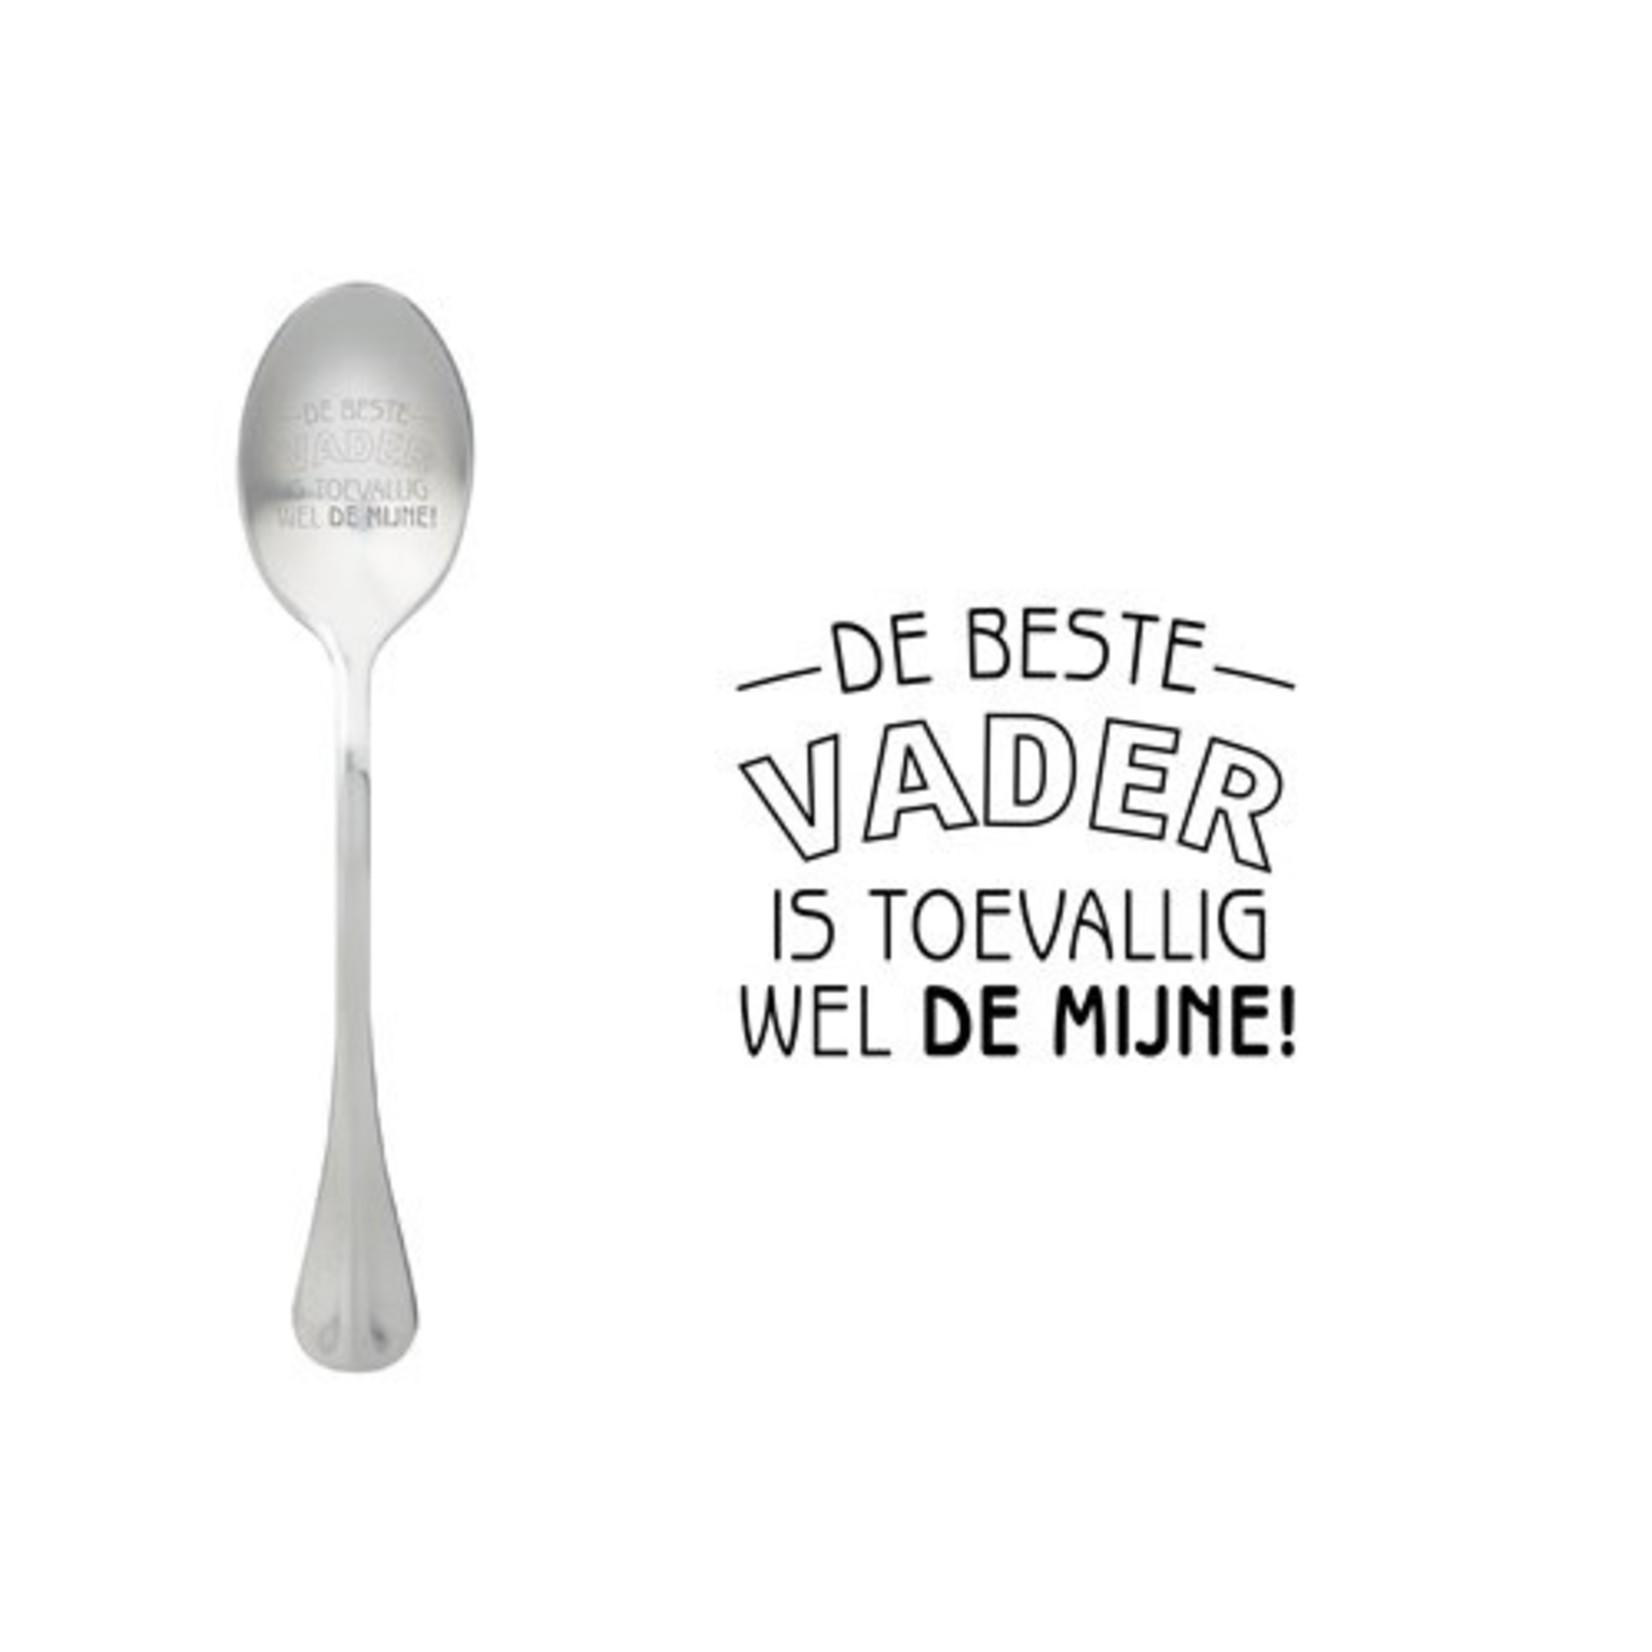 One message spoon Lepel De beste vader is toevallig wel de mijne